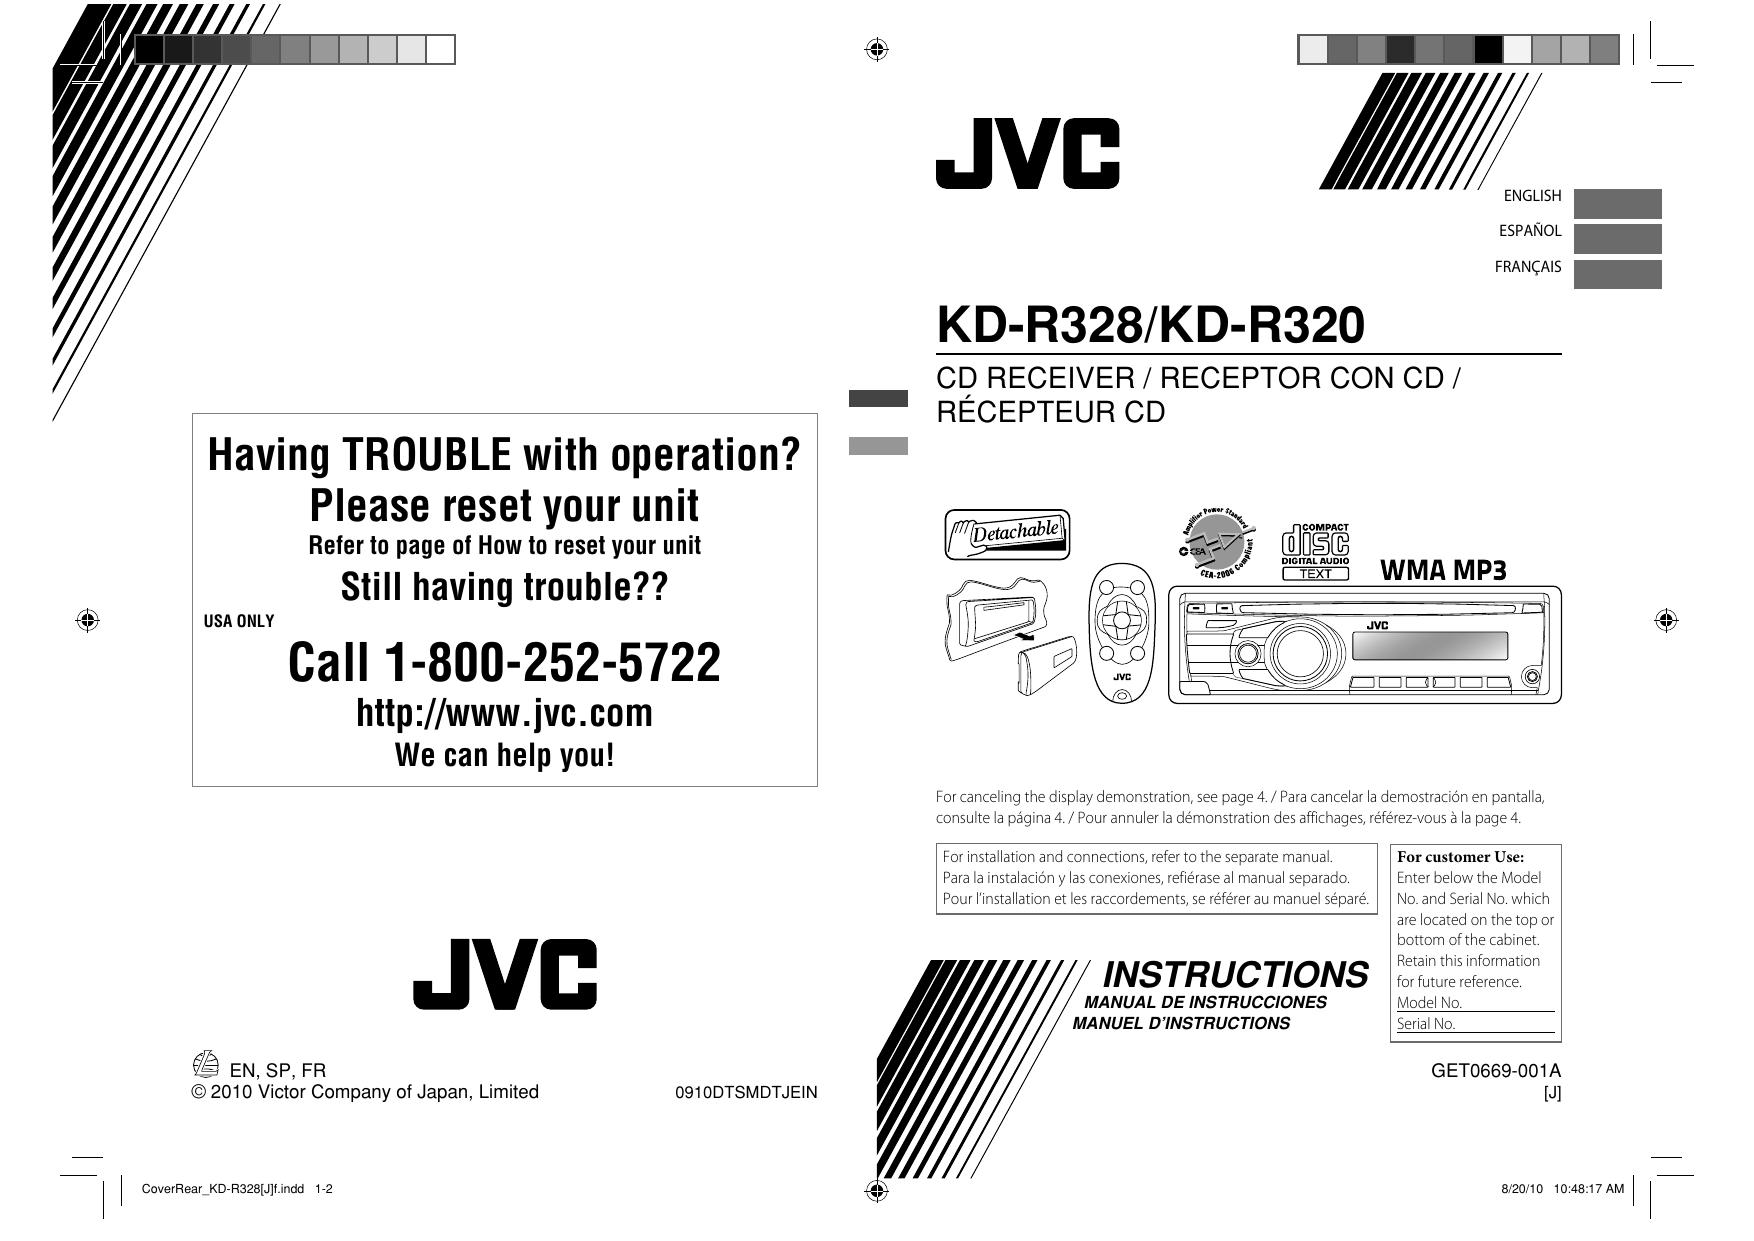 JVC GET0669-001A User\'s Manual | manualzz.com